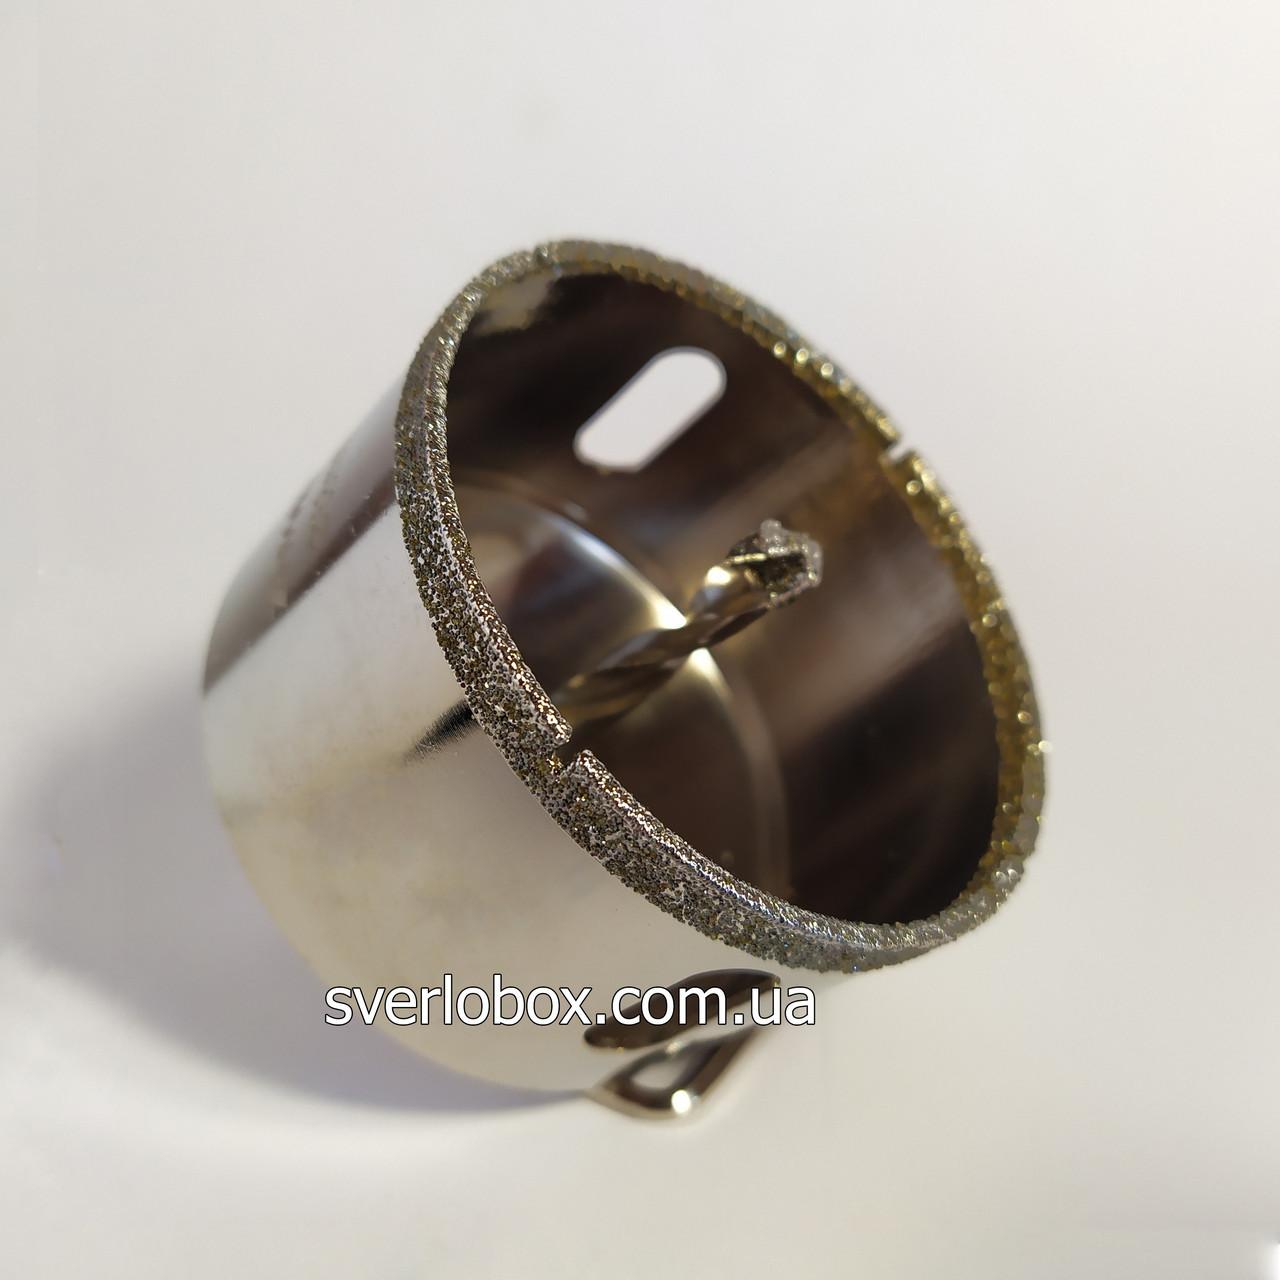 Алмазна Коронка по плитці і склу 32 мм з напрямних свердлом.